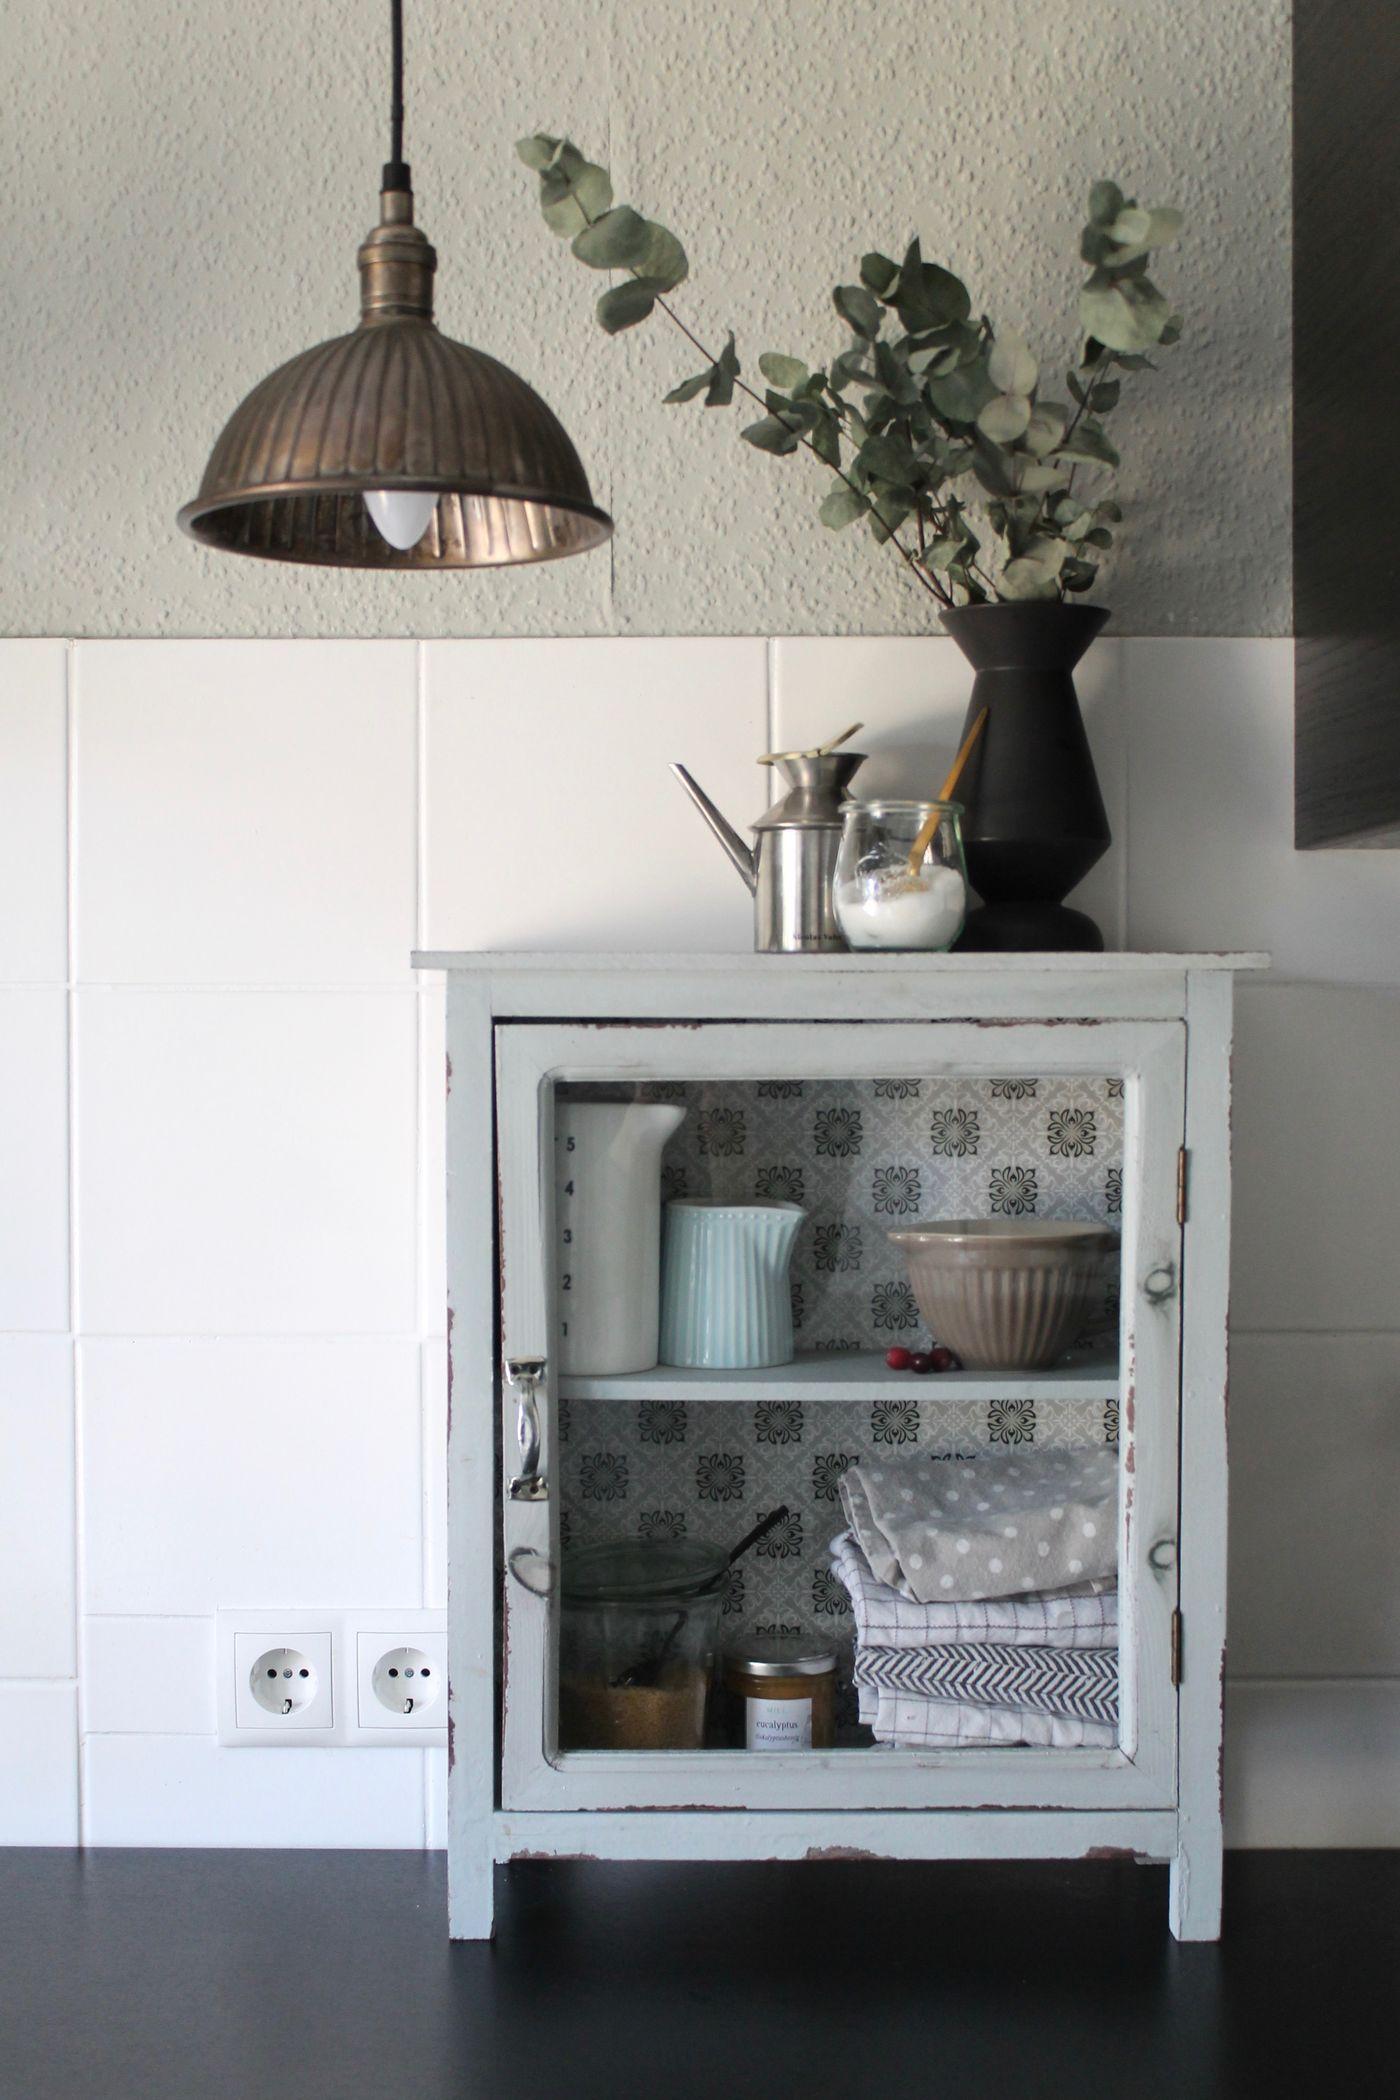 Ideen für deinen Küchenschrank